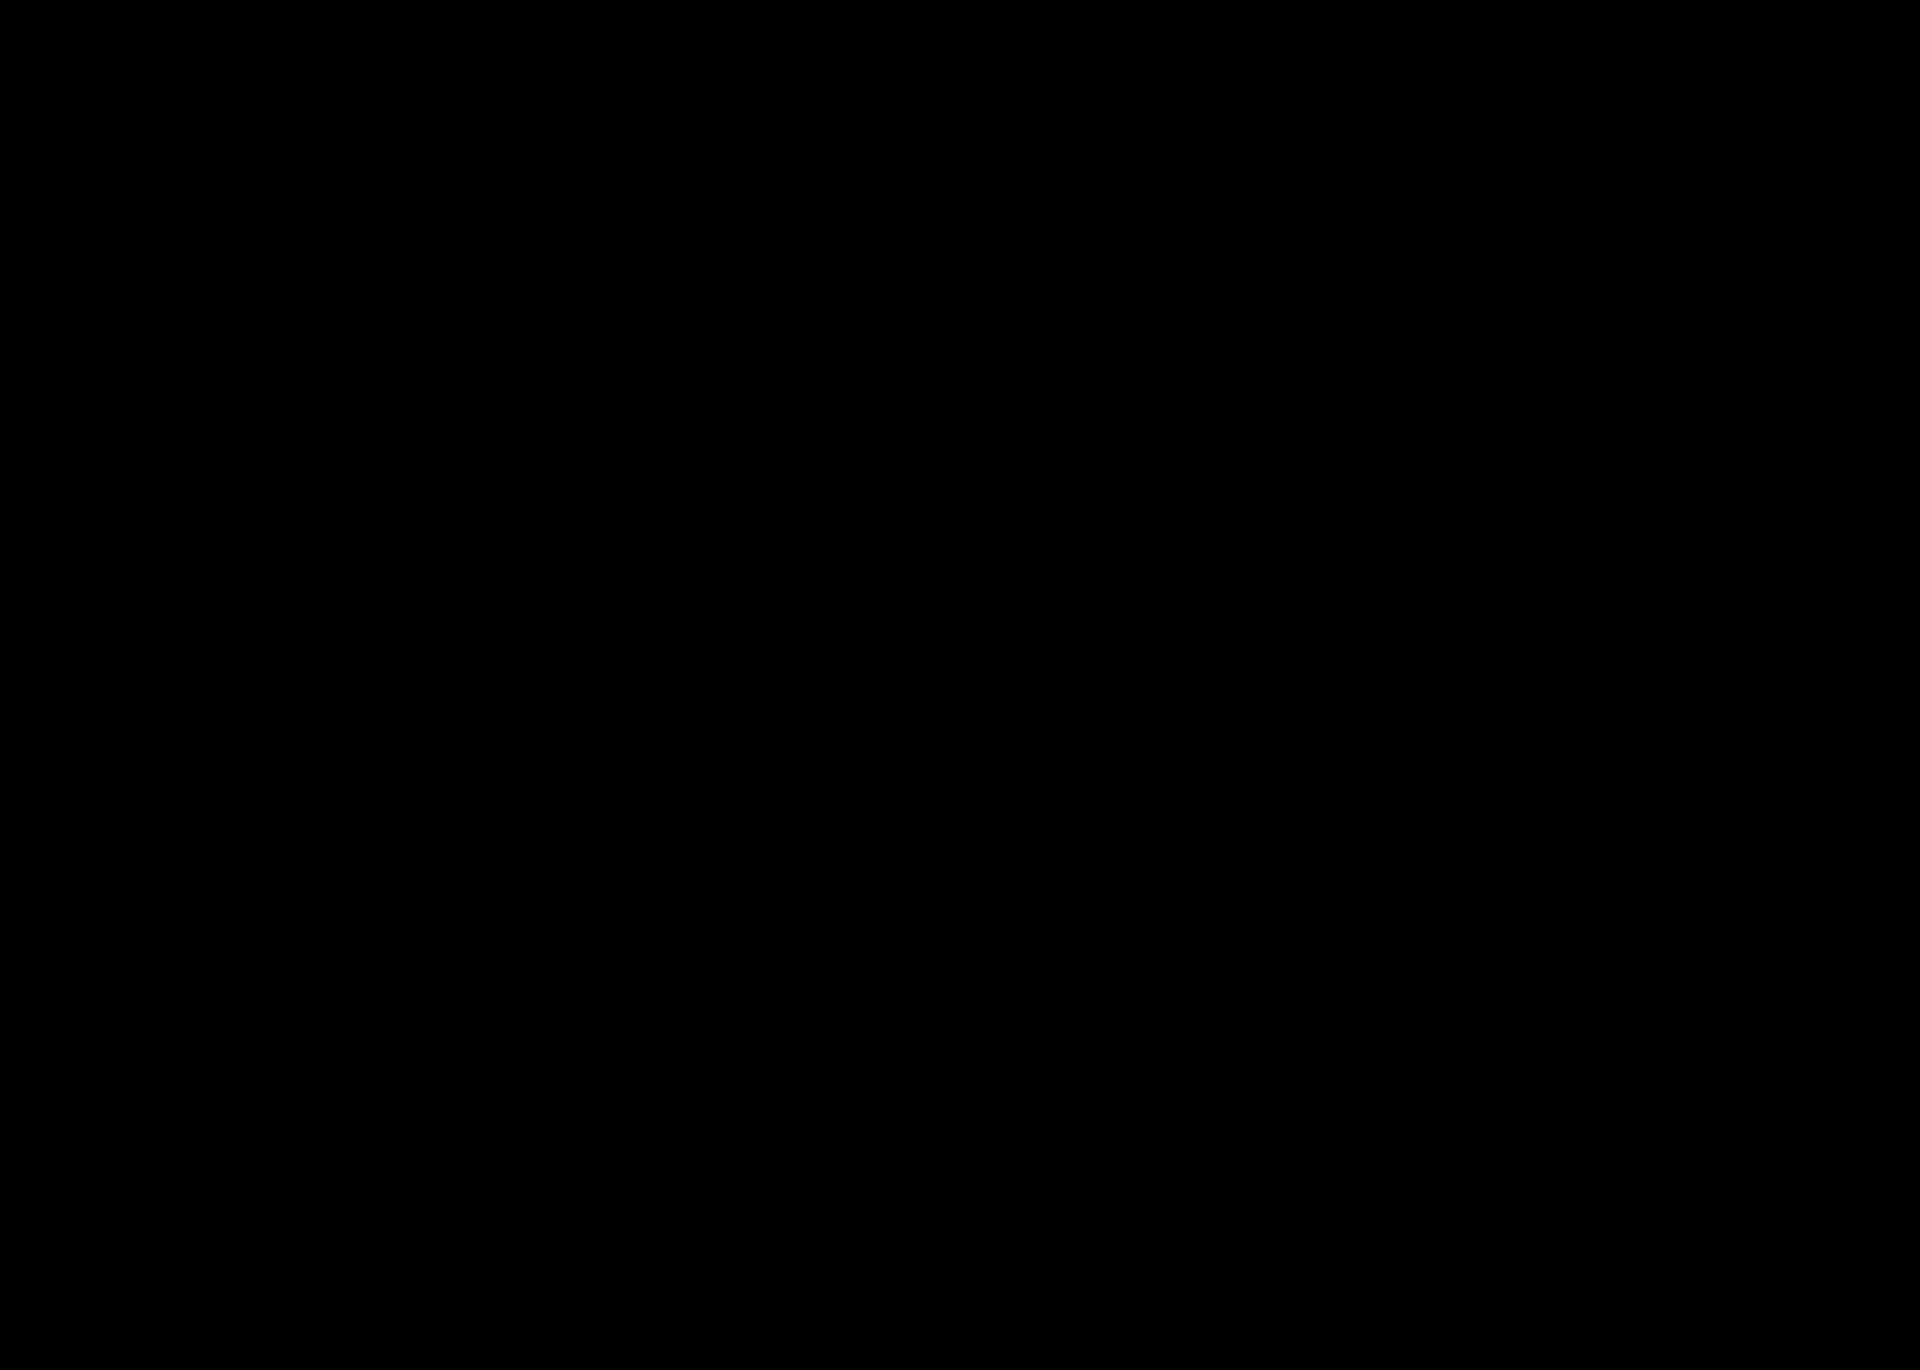 hlg_2897